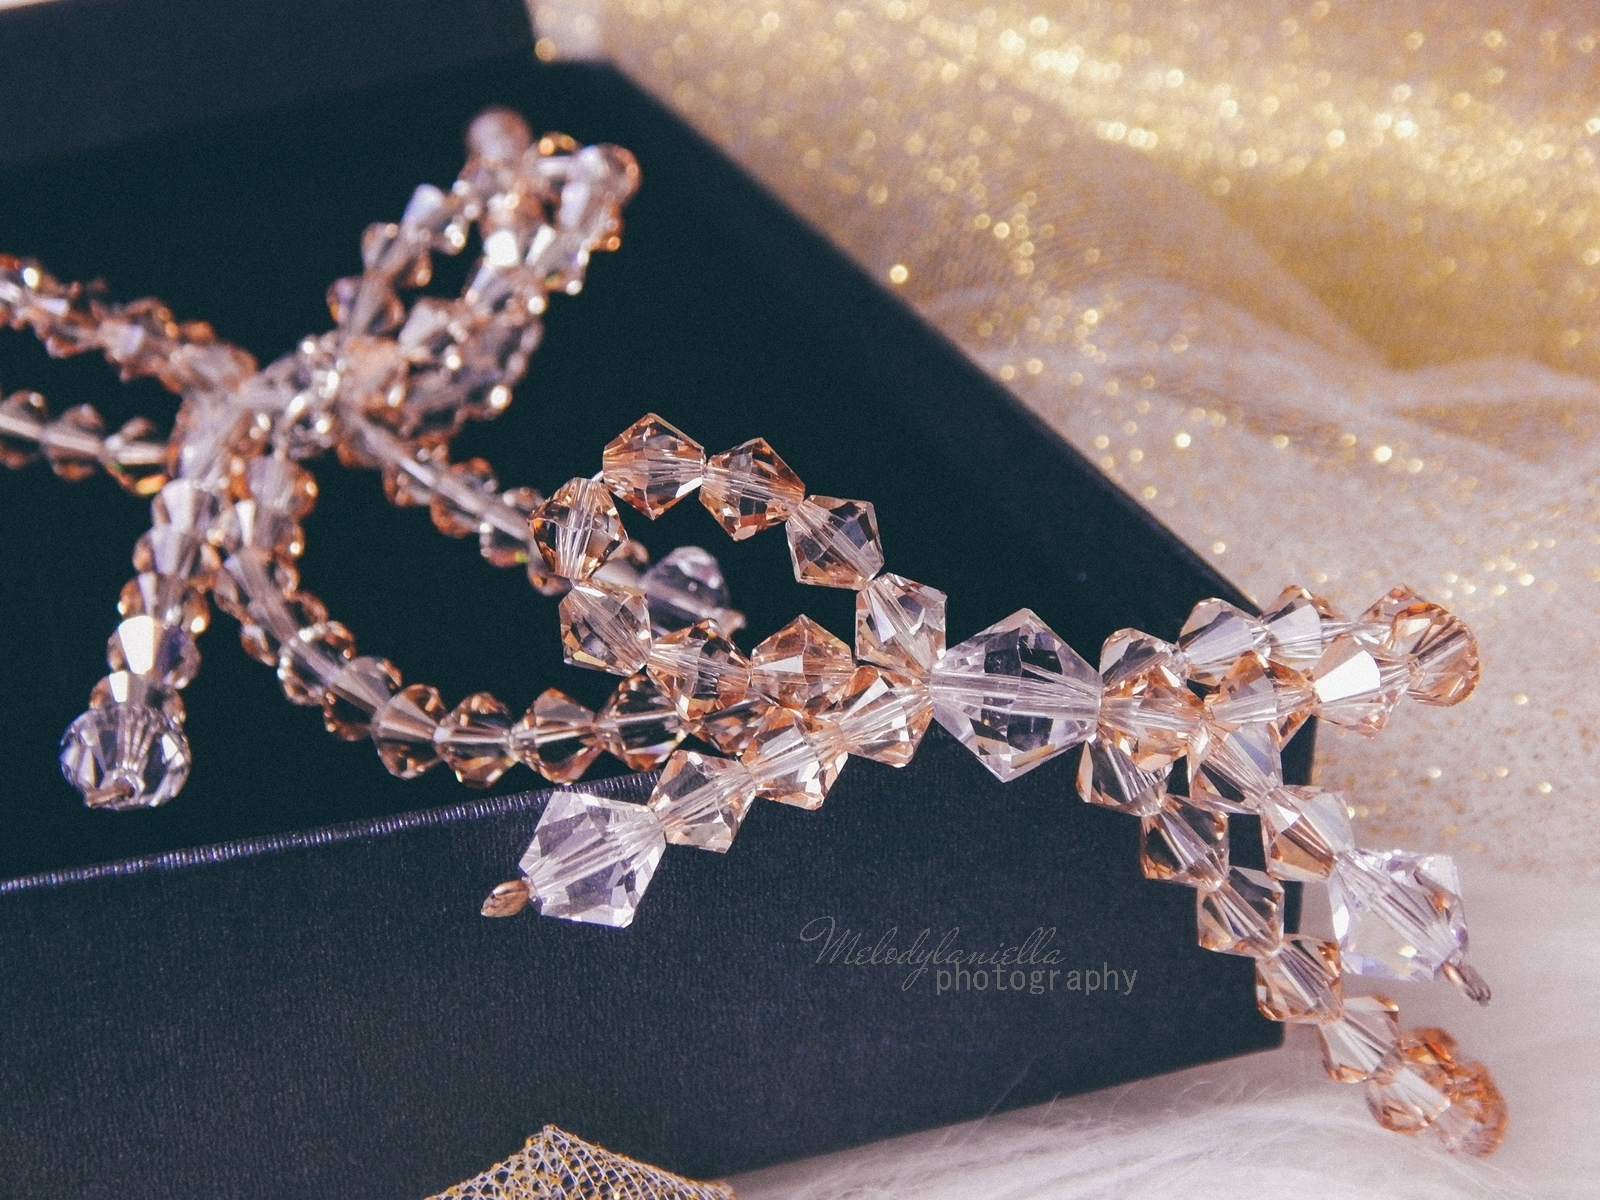 9 biżuteria M piotrowski recenzje kryształy swarovski przegląd opinie recenzje jak dobrać biżuterie modna biżuteria stylowe dodatki kryształy bransoletka z kokardką naszyjnik z kokardą złoto srebro fashion